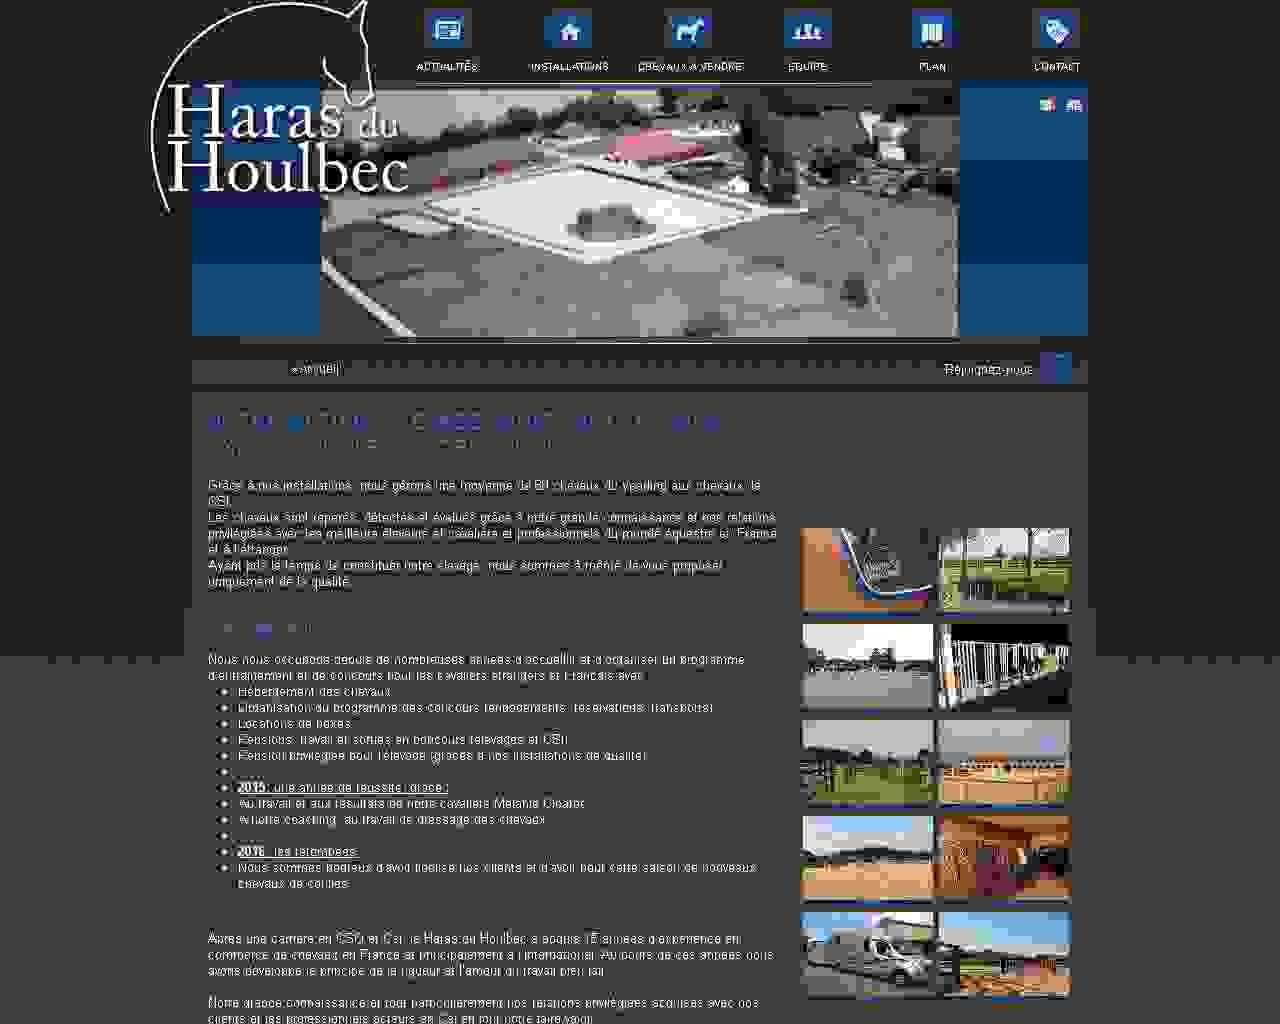 Haras du Houlbec